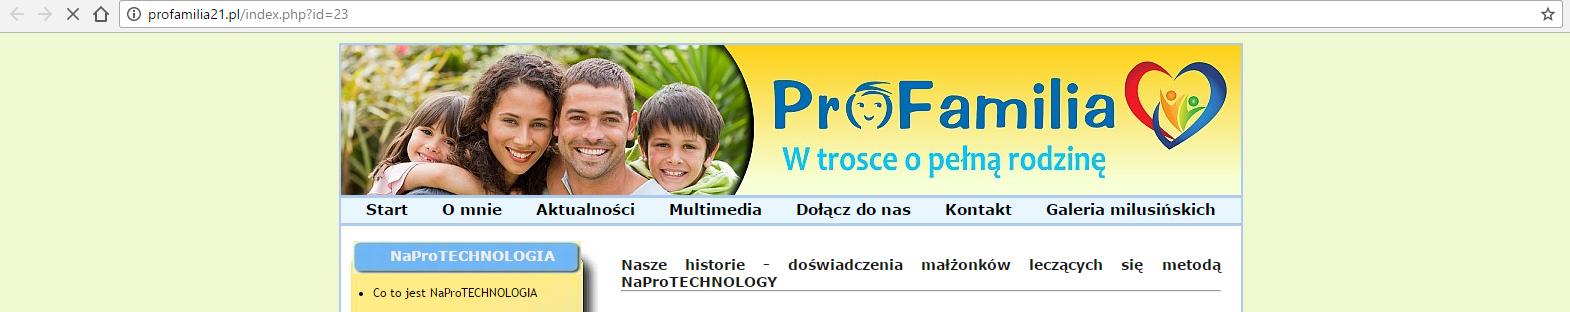 Świadectwa par na temat Naprotechnologii ze strony profamilia21.pl